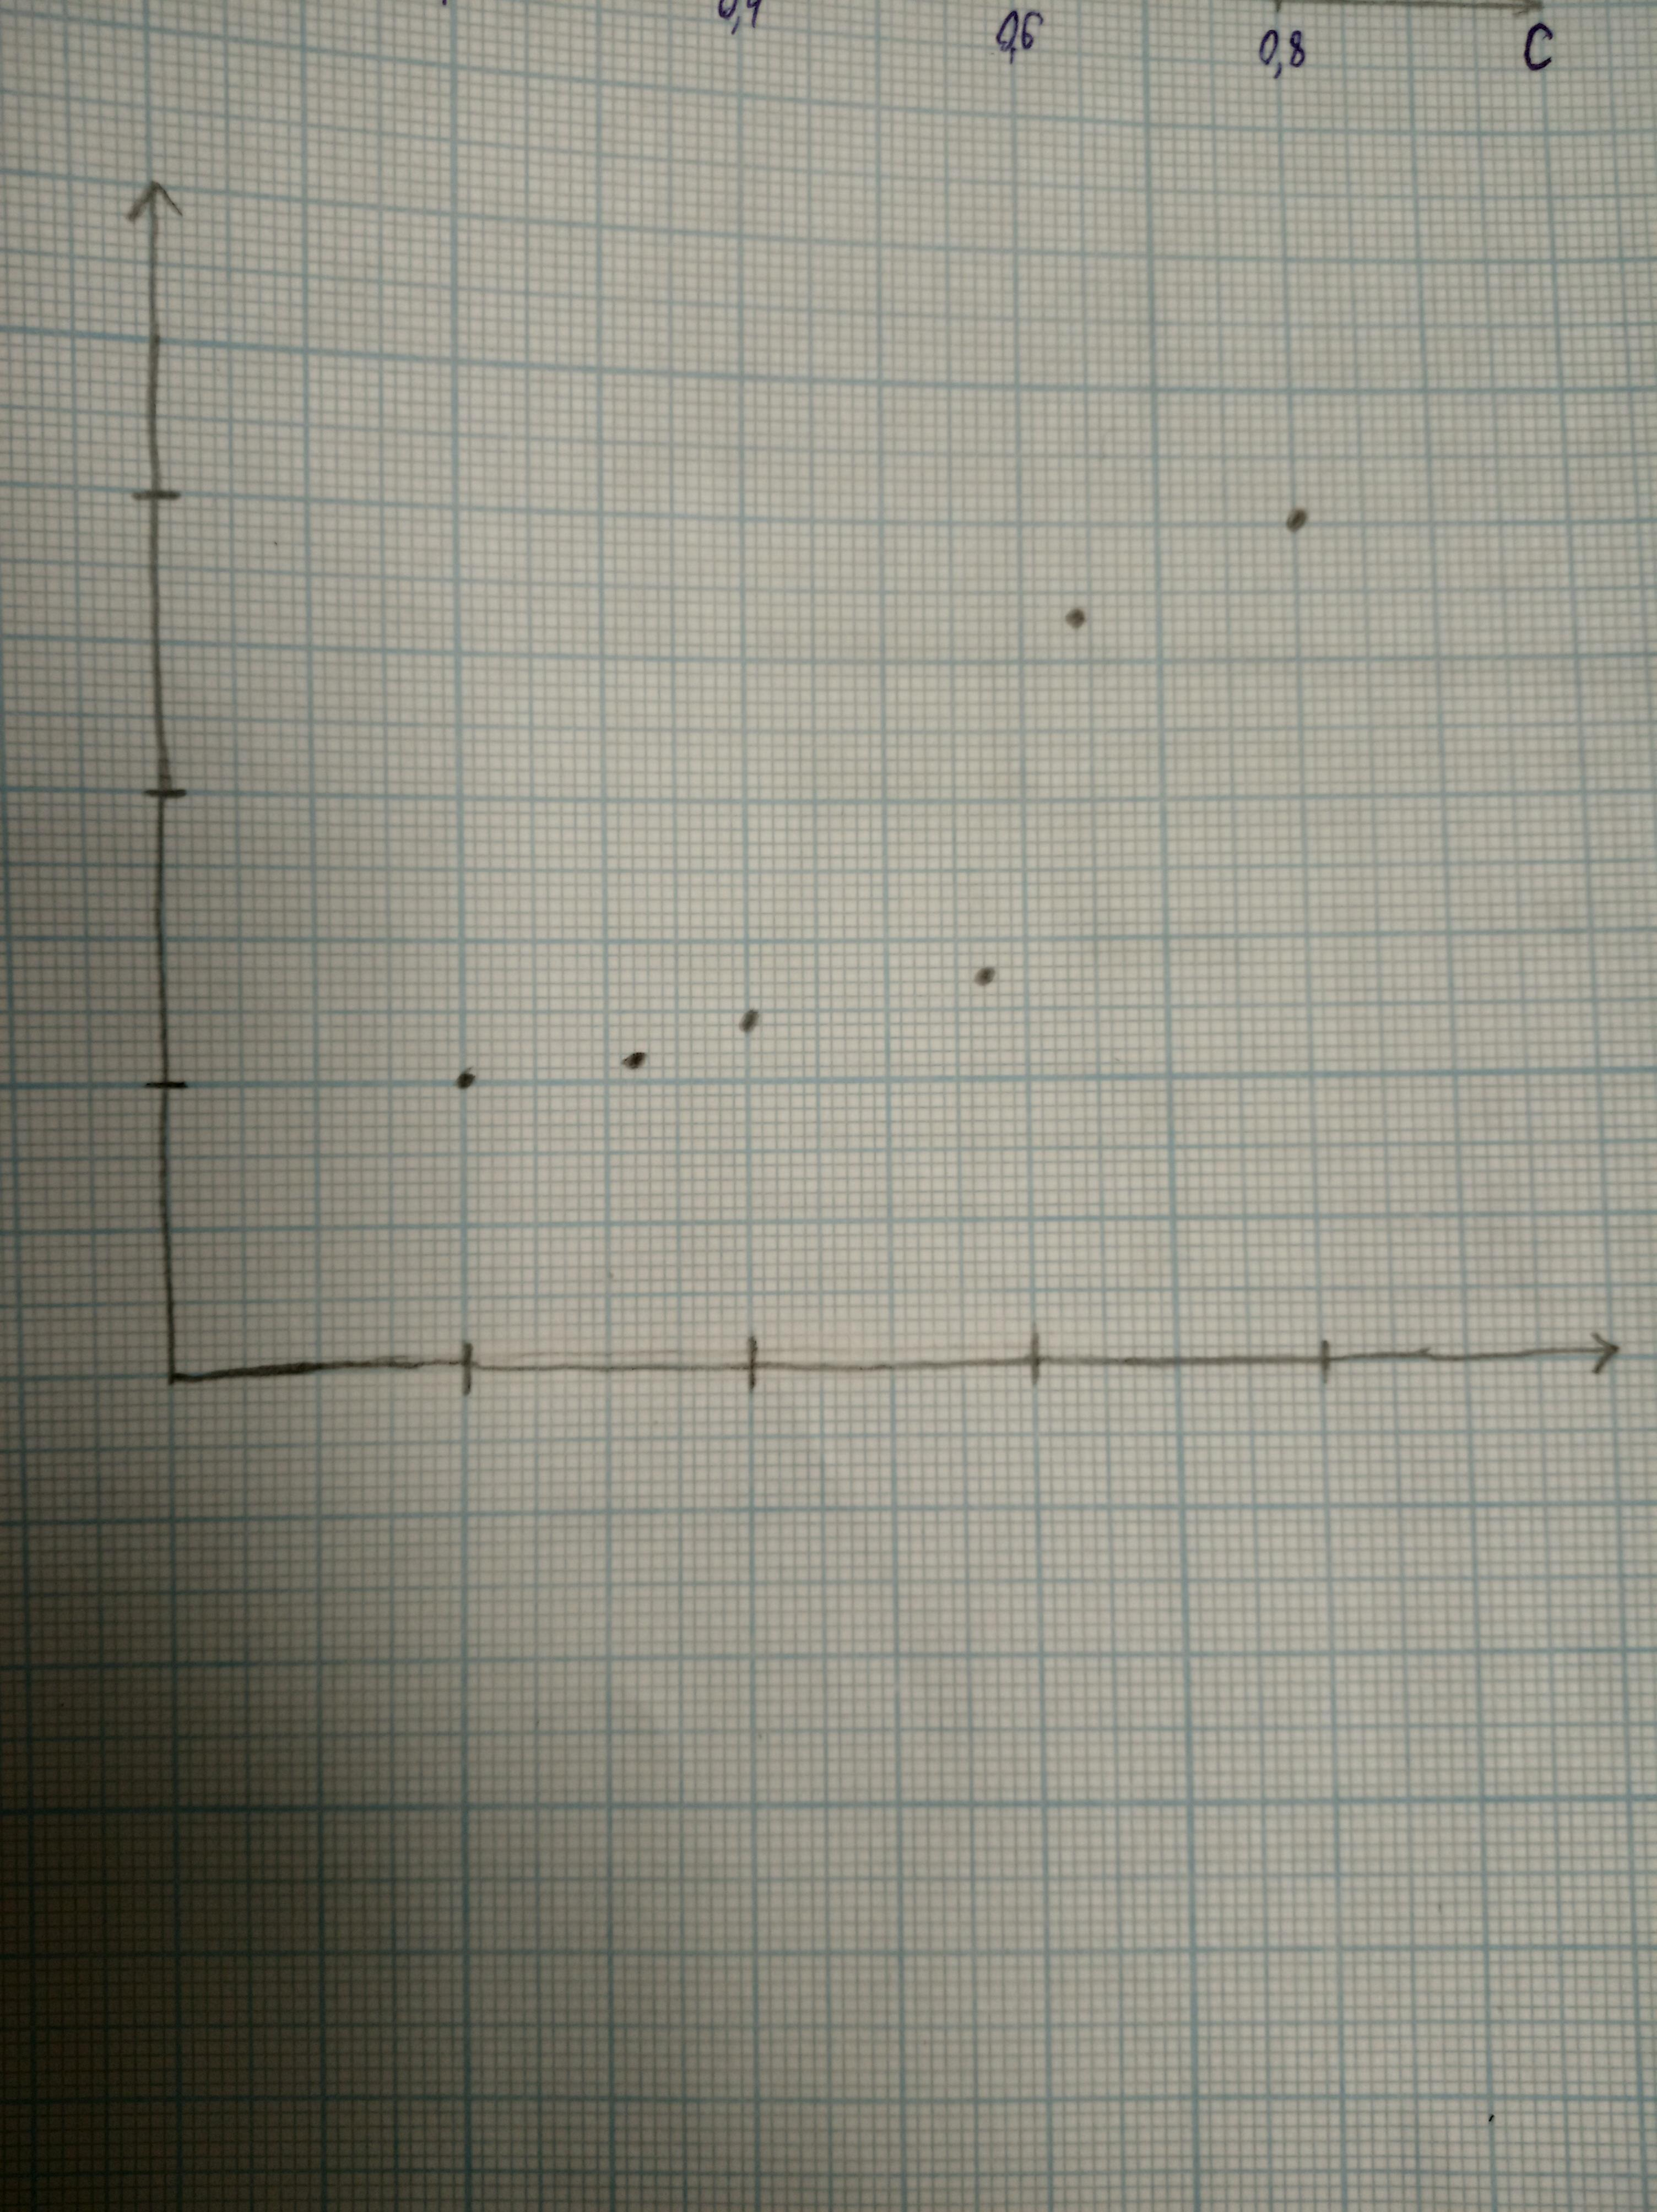 Нужно аппроксимировать график по заданным точкам